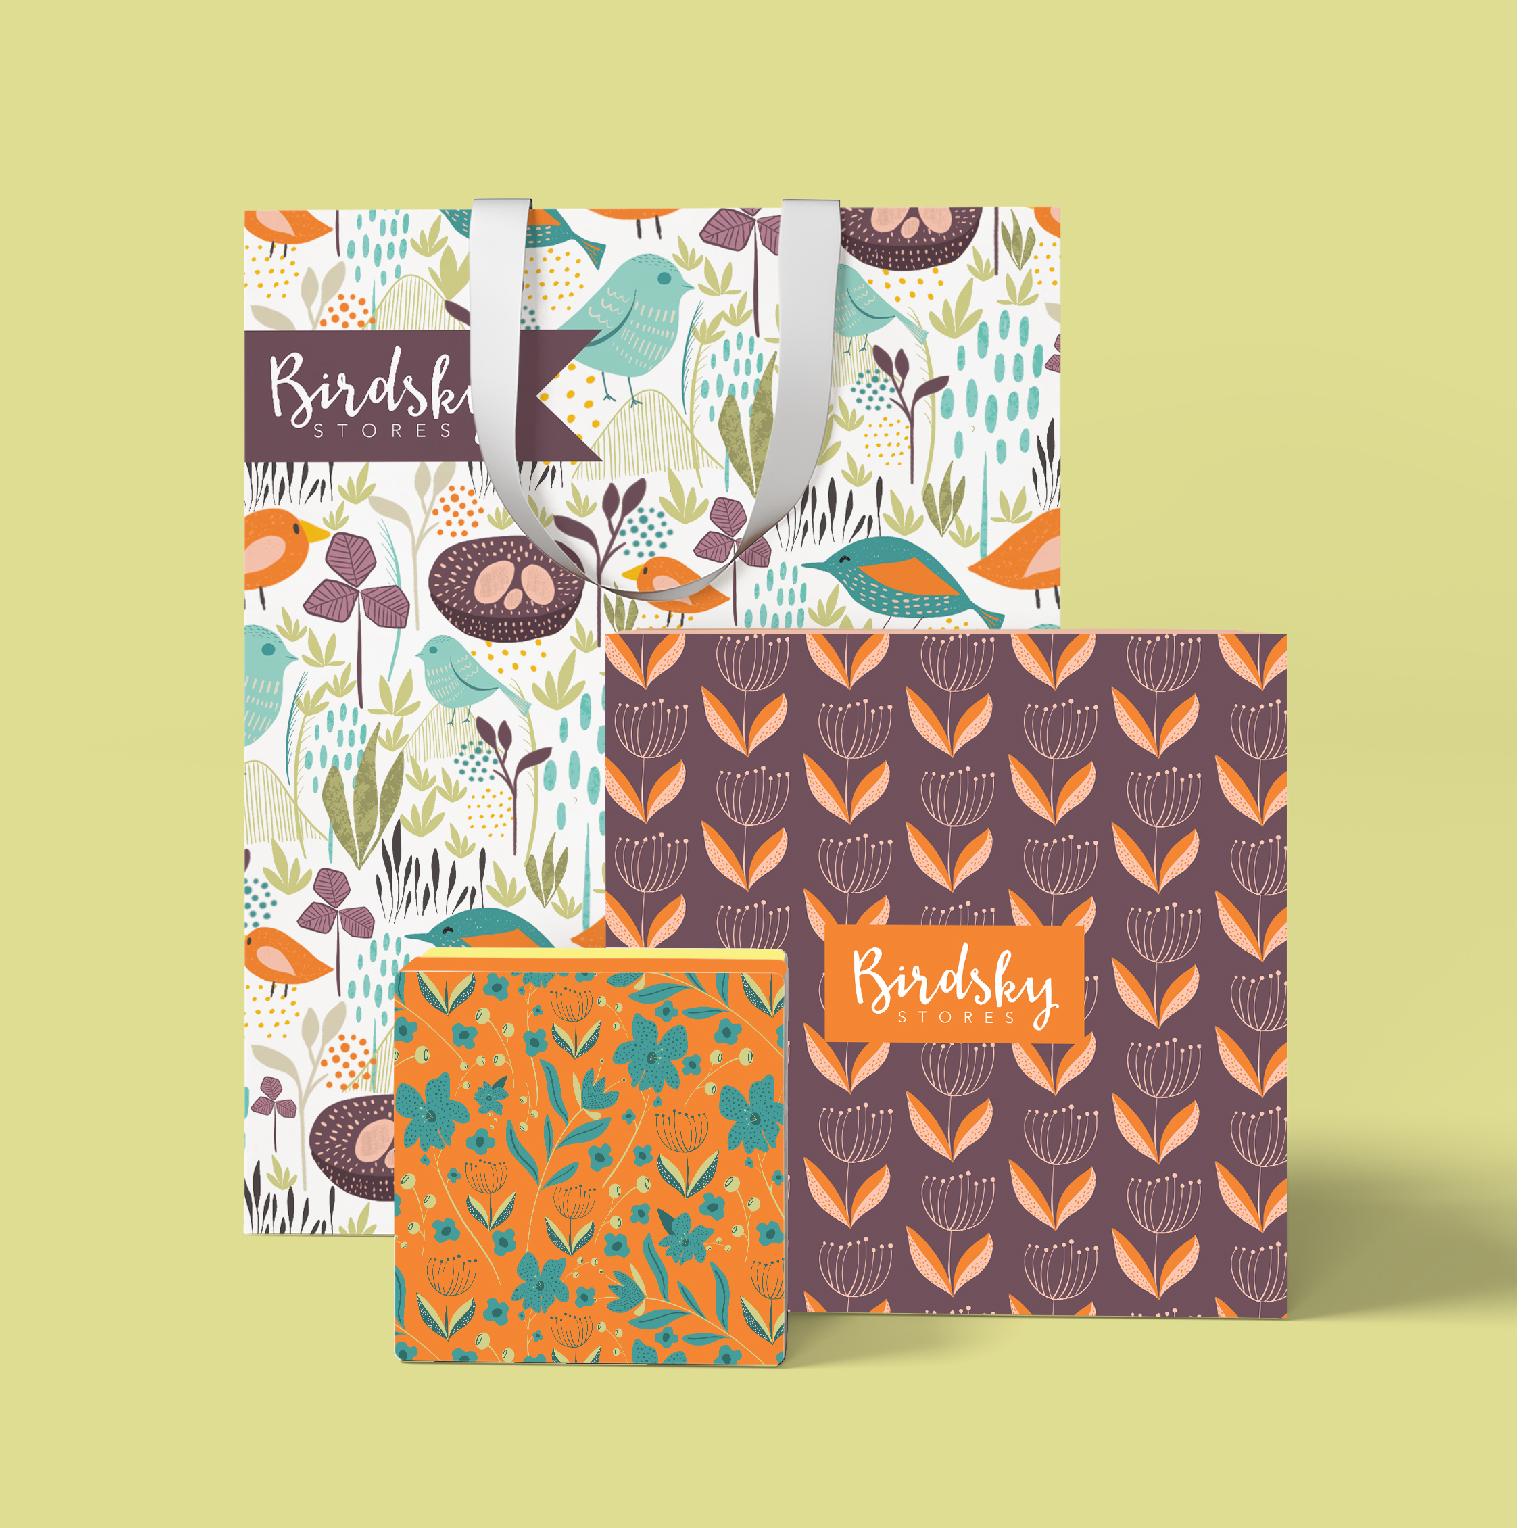 birdsky packaging.jpg